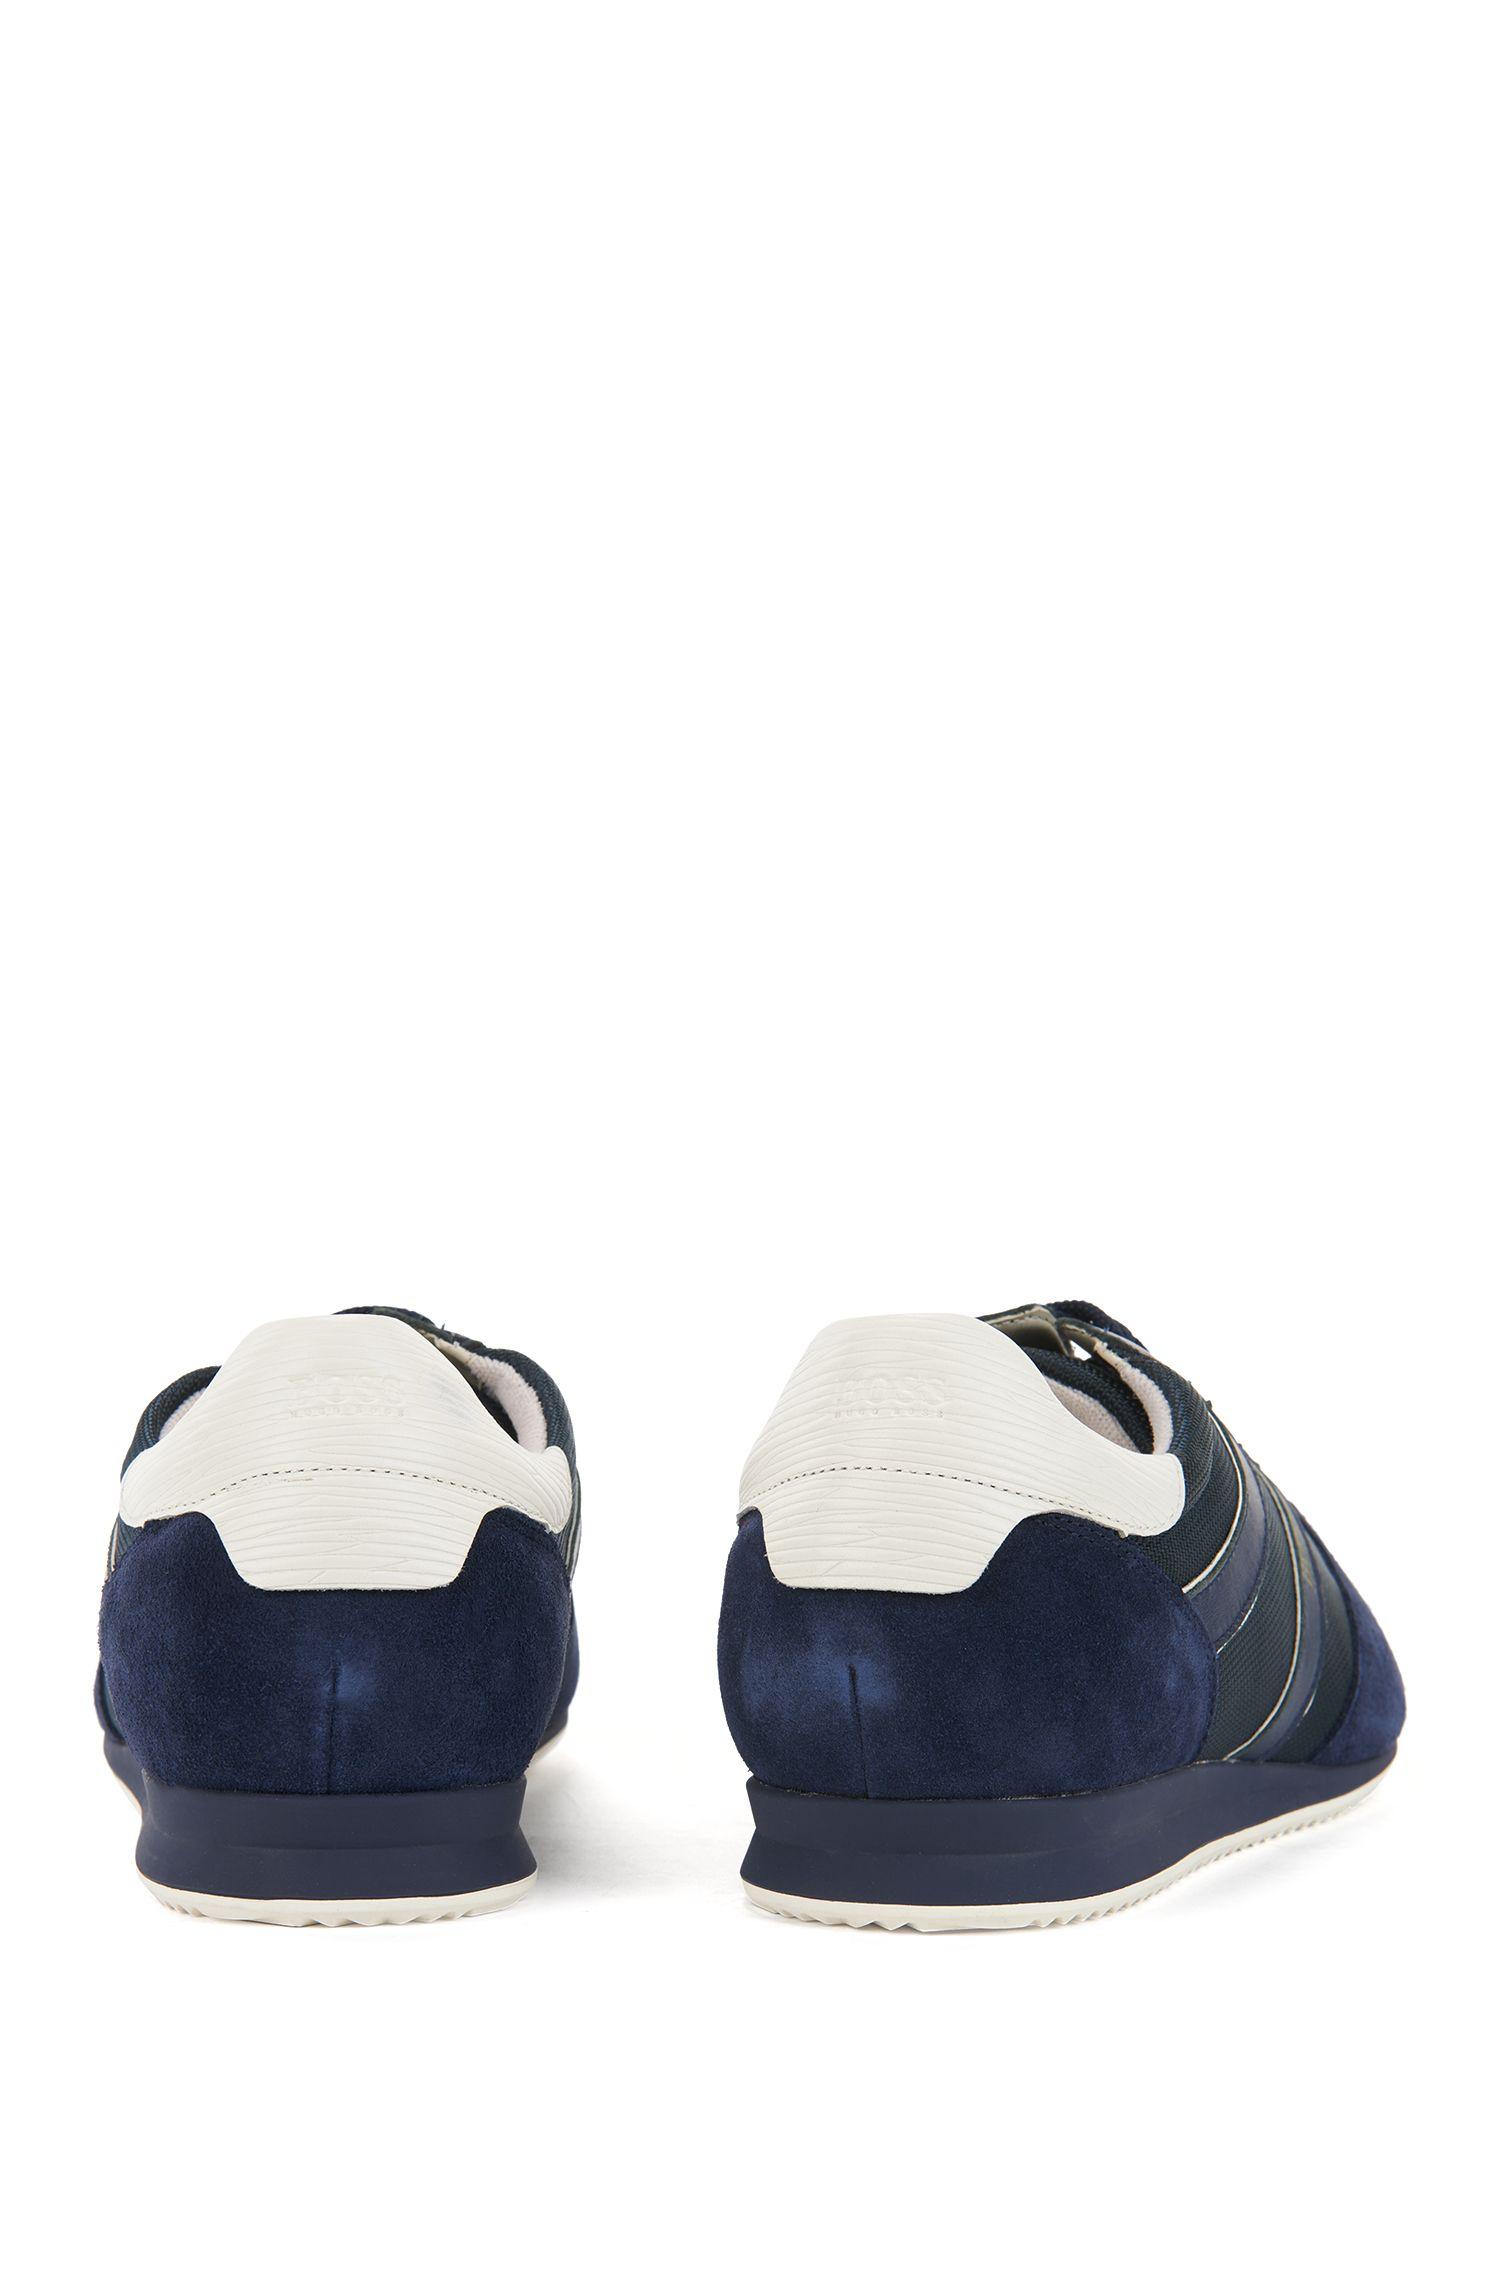 Baskets basses lacées à garnitures en daim